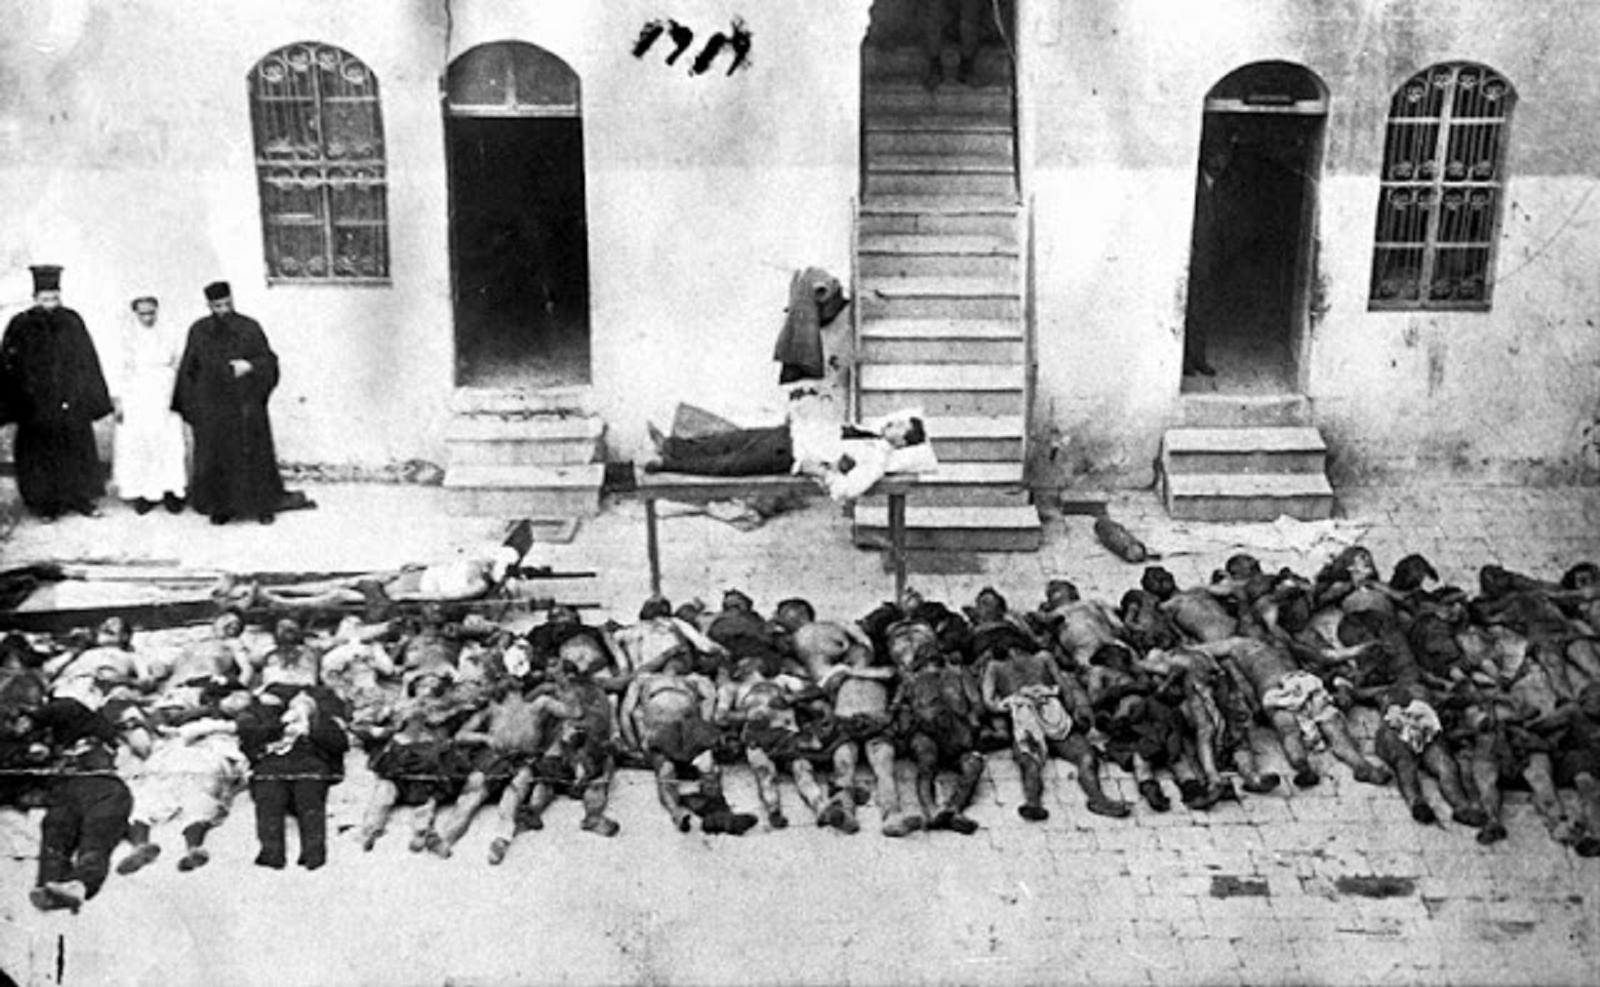 Στήν Ἑλλάδα πότε θά ποινικοποιηθῇ ἡ ἄρνησις τῆς γενοκτονίας τῶν Ποντίων;